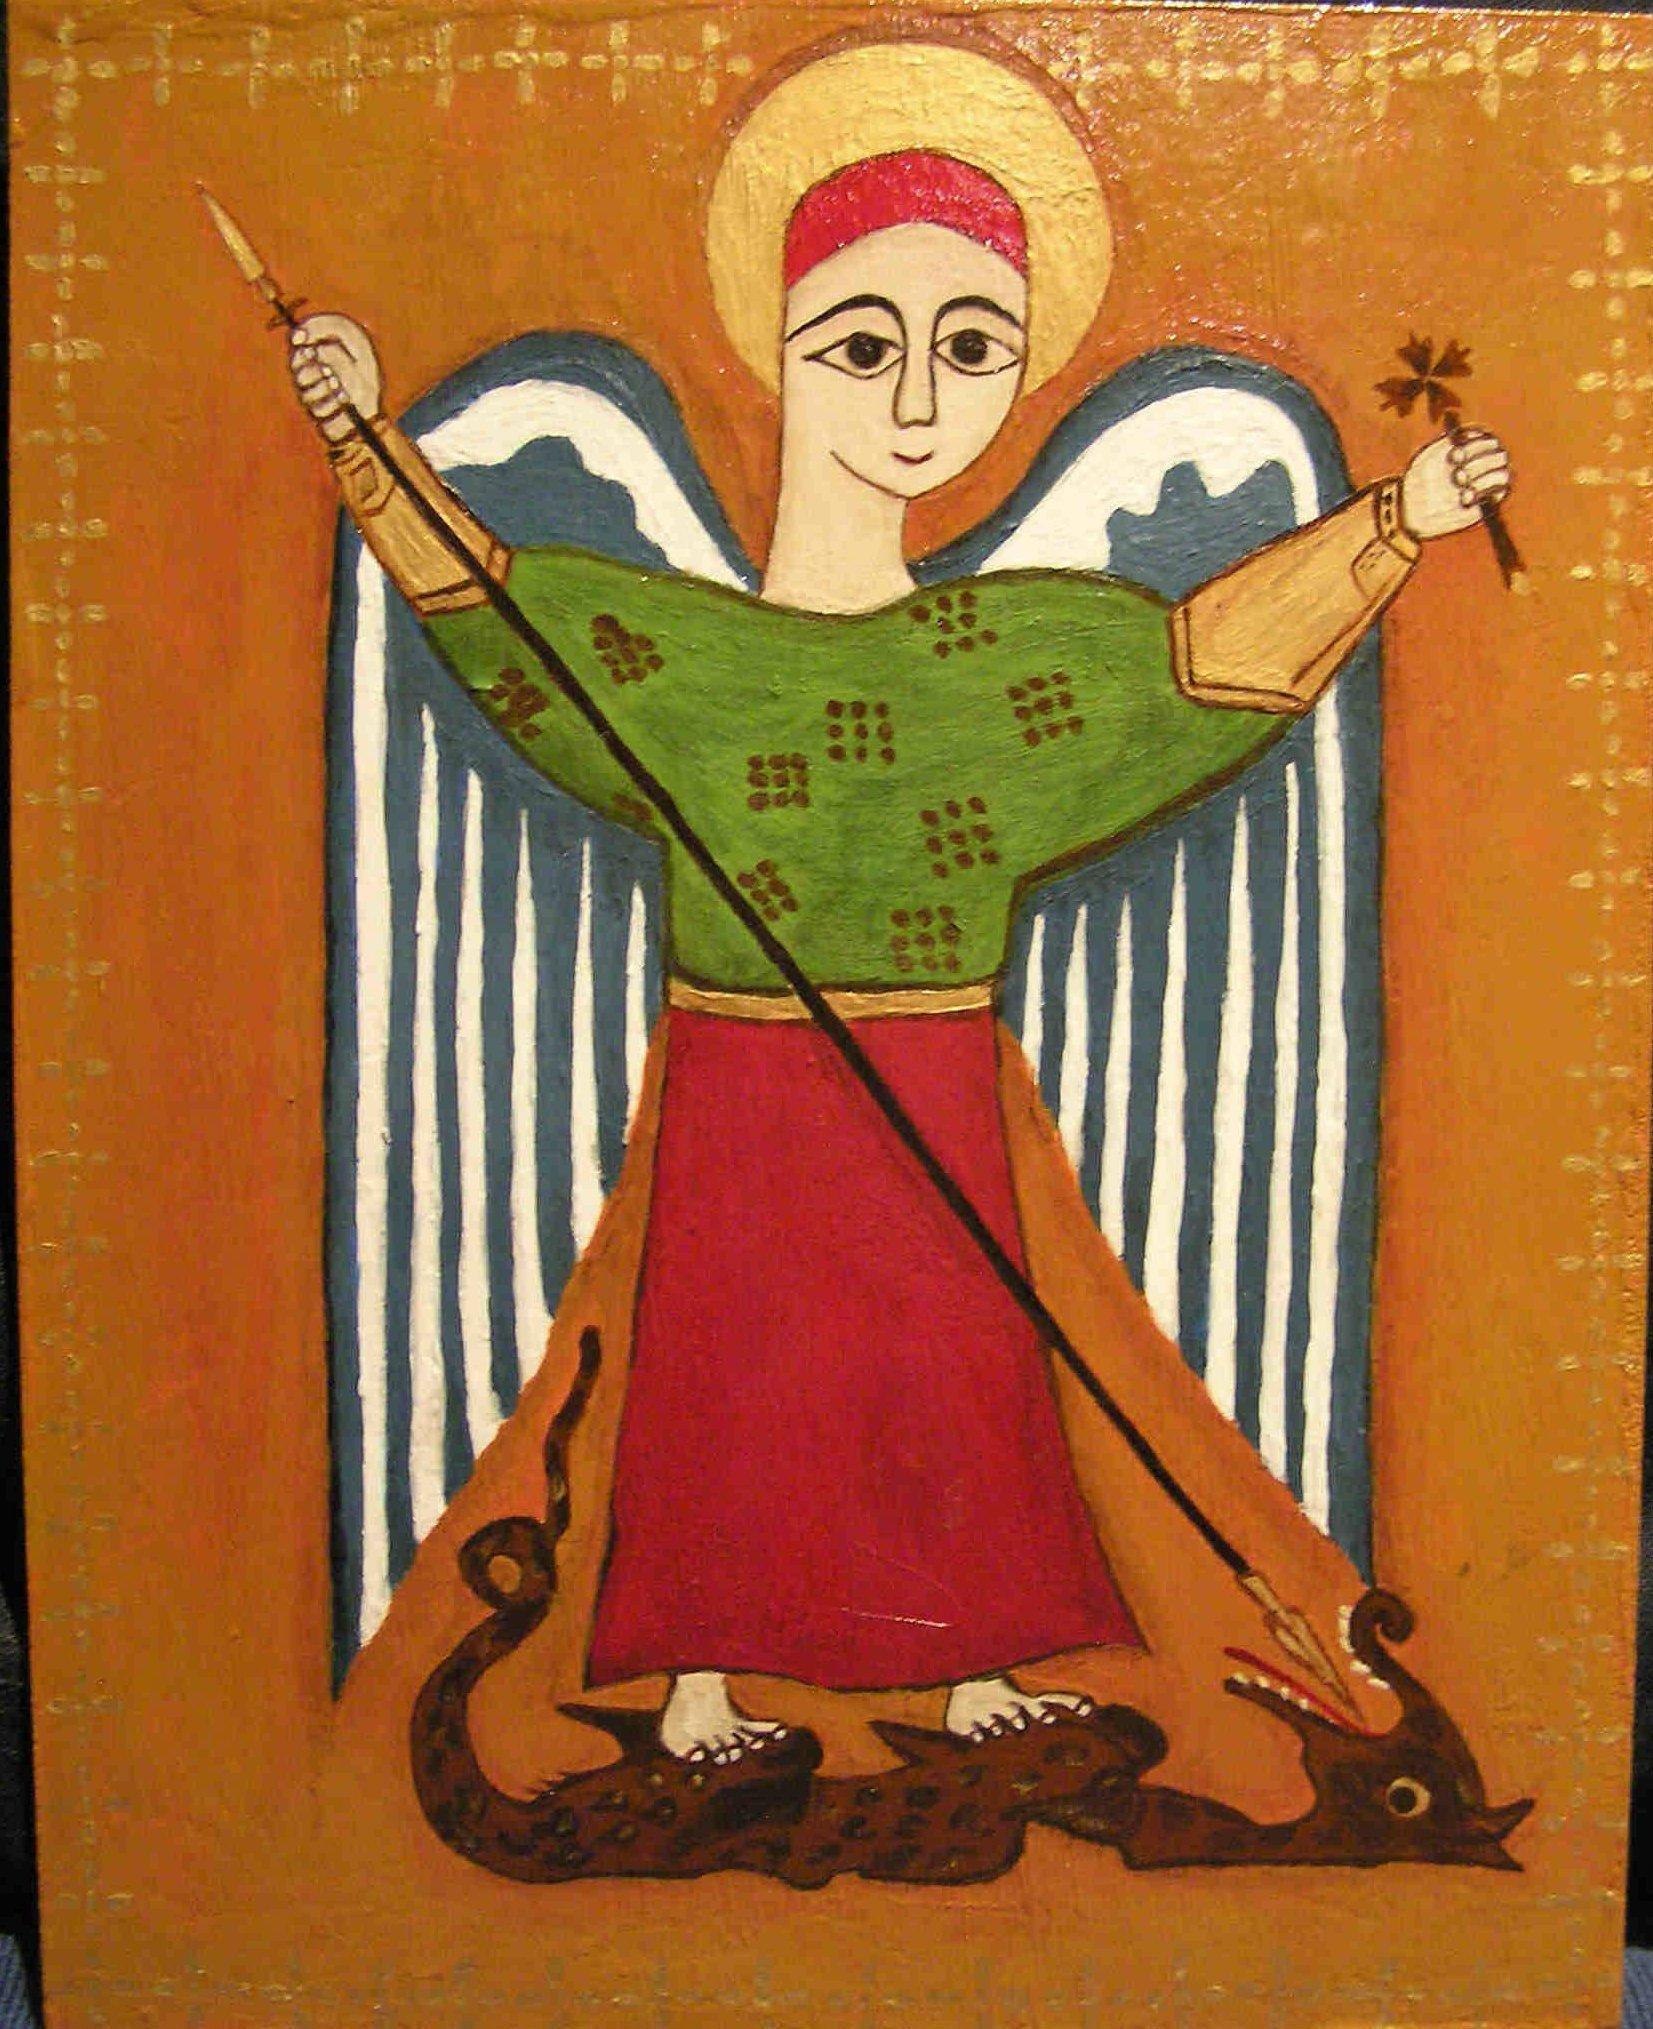 Copte Ikon représentant l'Archange Michael défaisant le dragon dans immagini sacre CopticAngel